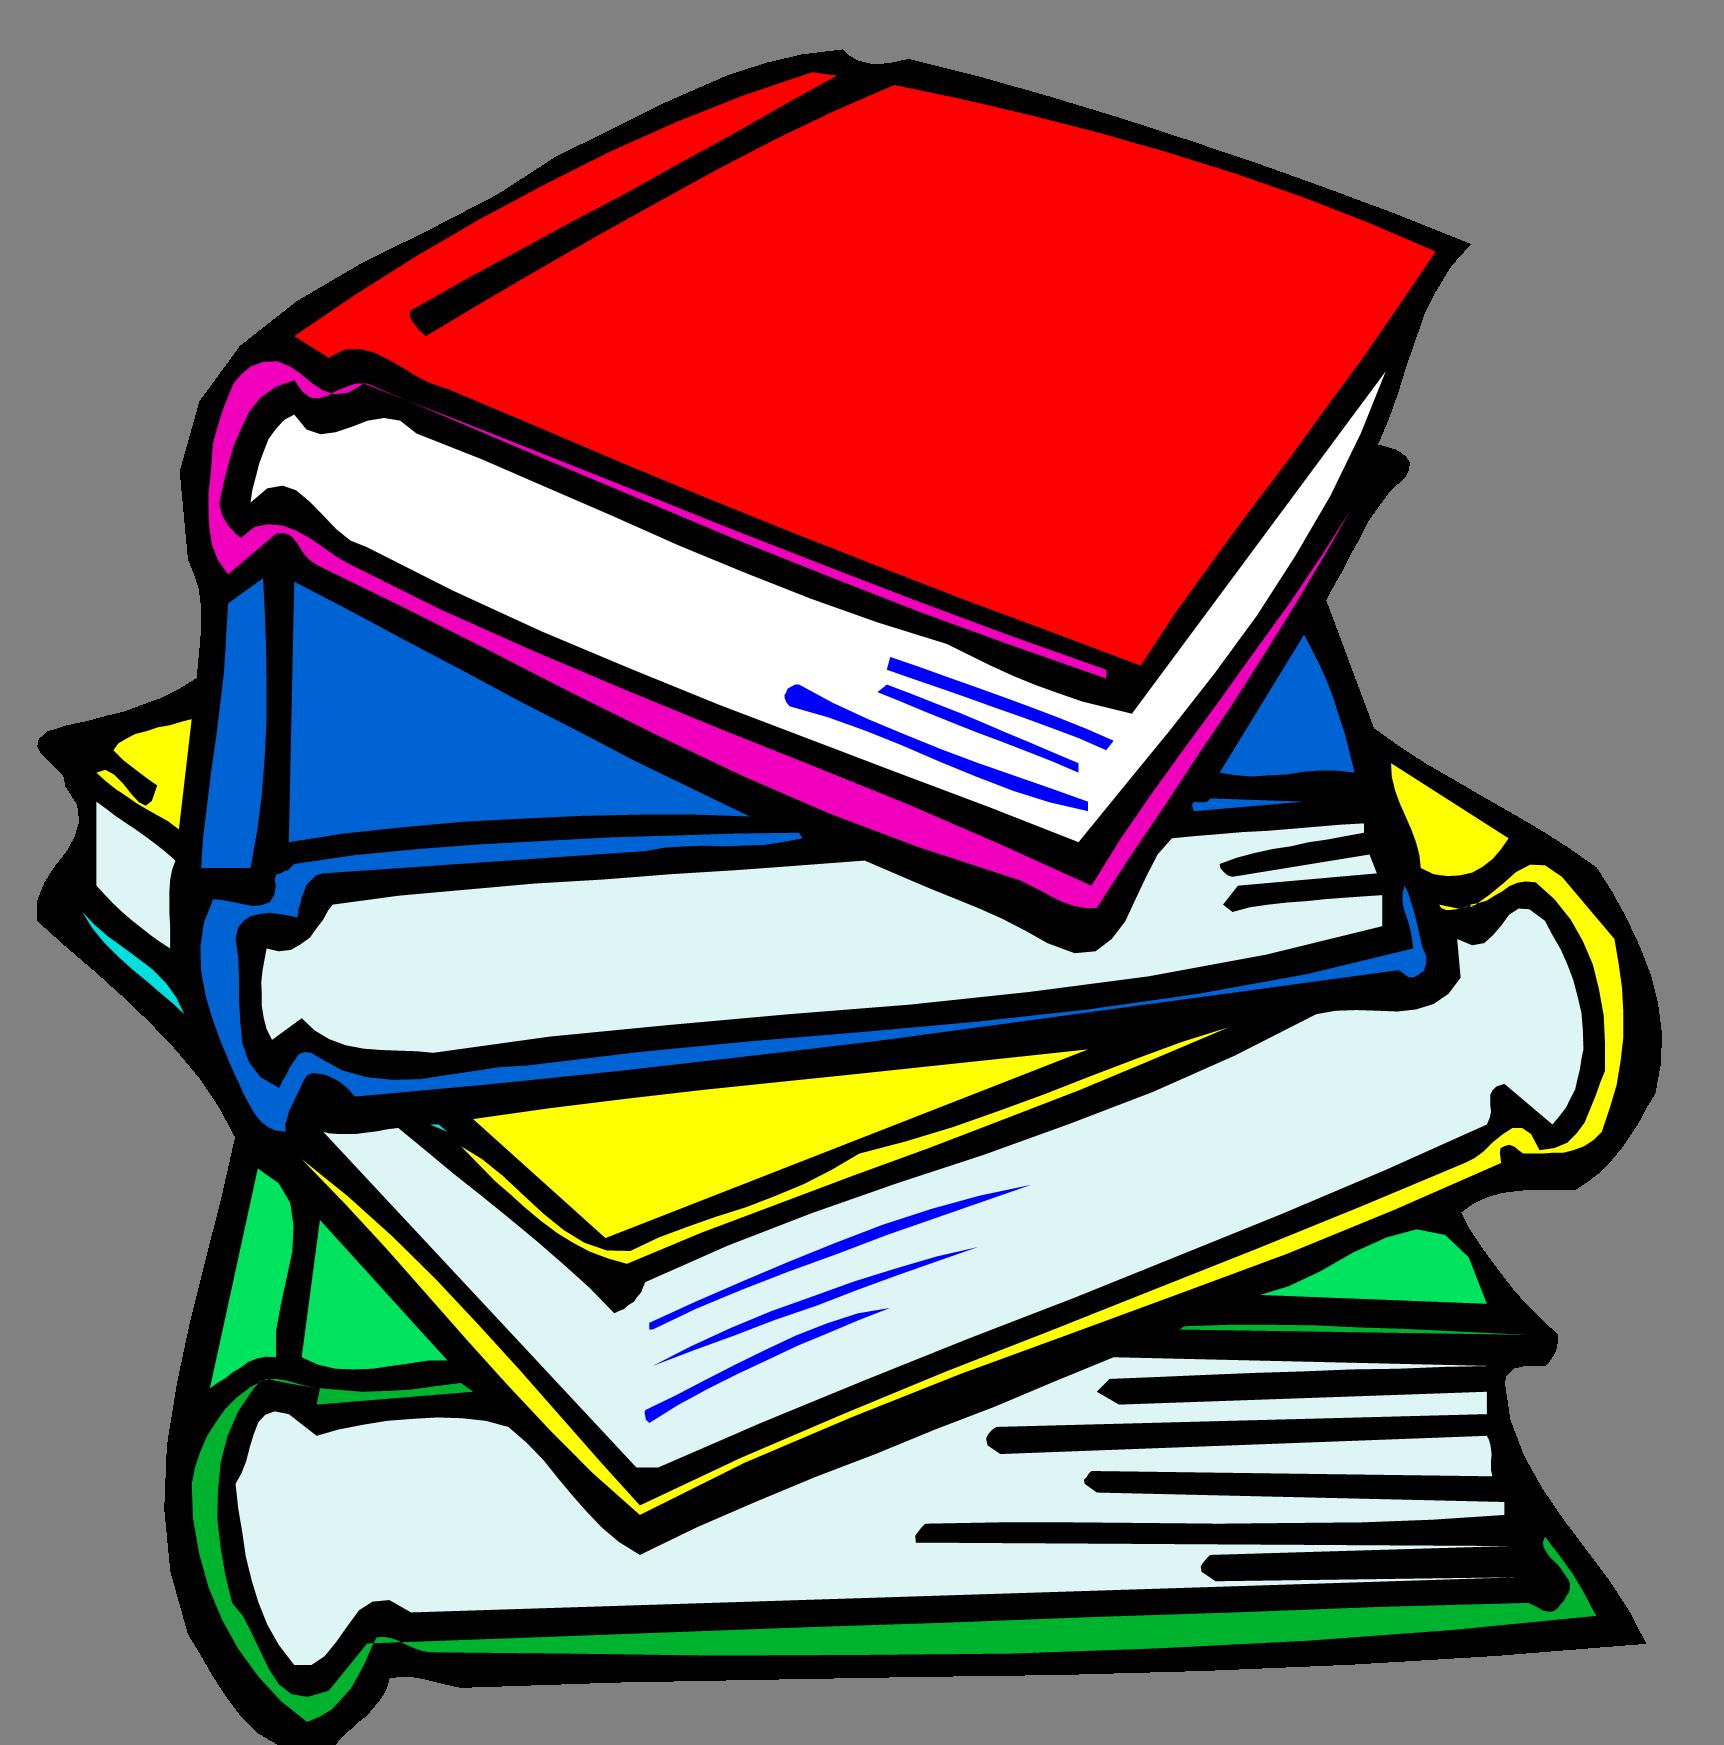 Clip art png download. Textbook clipart school book